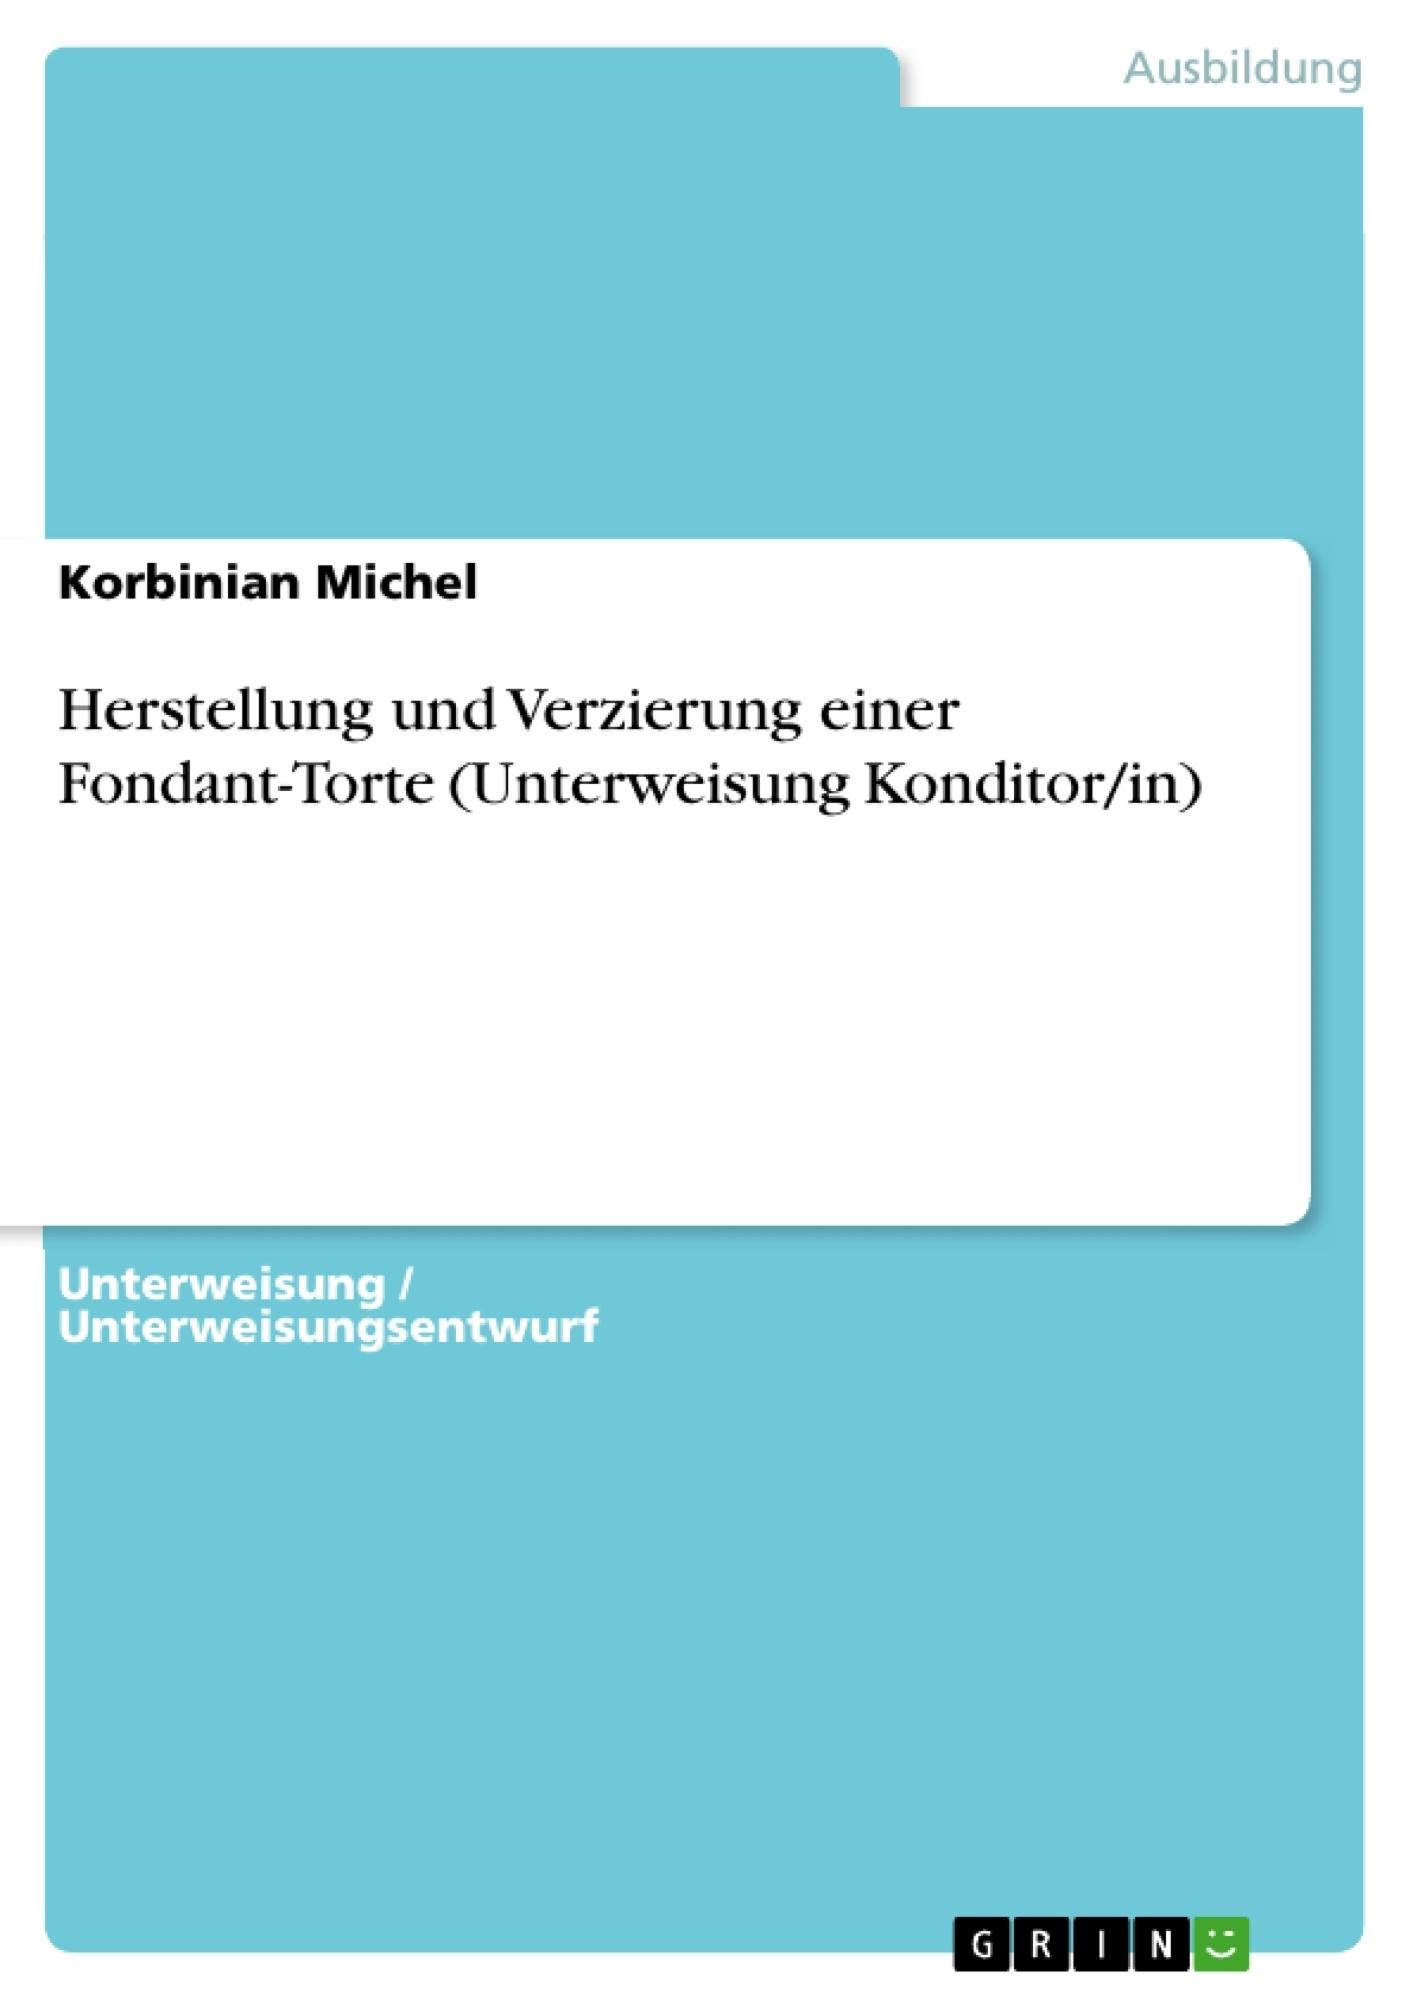 Titel: Herstellung und Verzierung einer Fondant-Torte (Unterweisung Konditor/in)